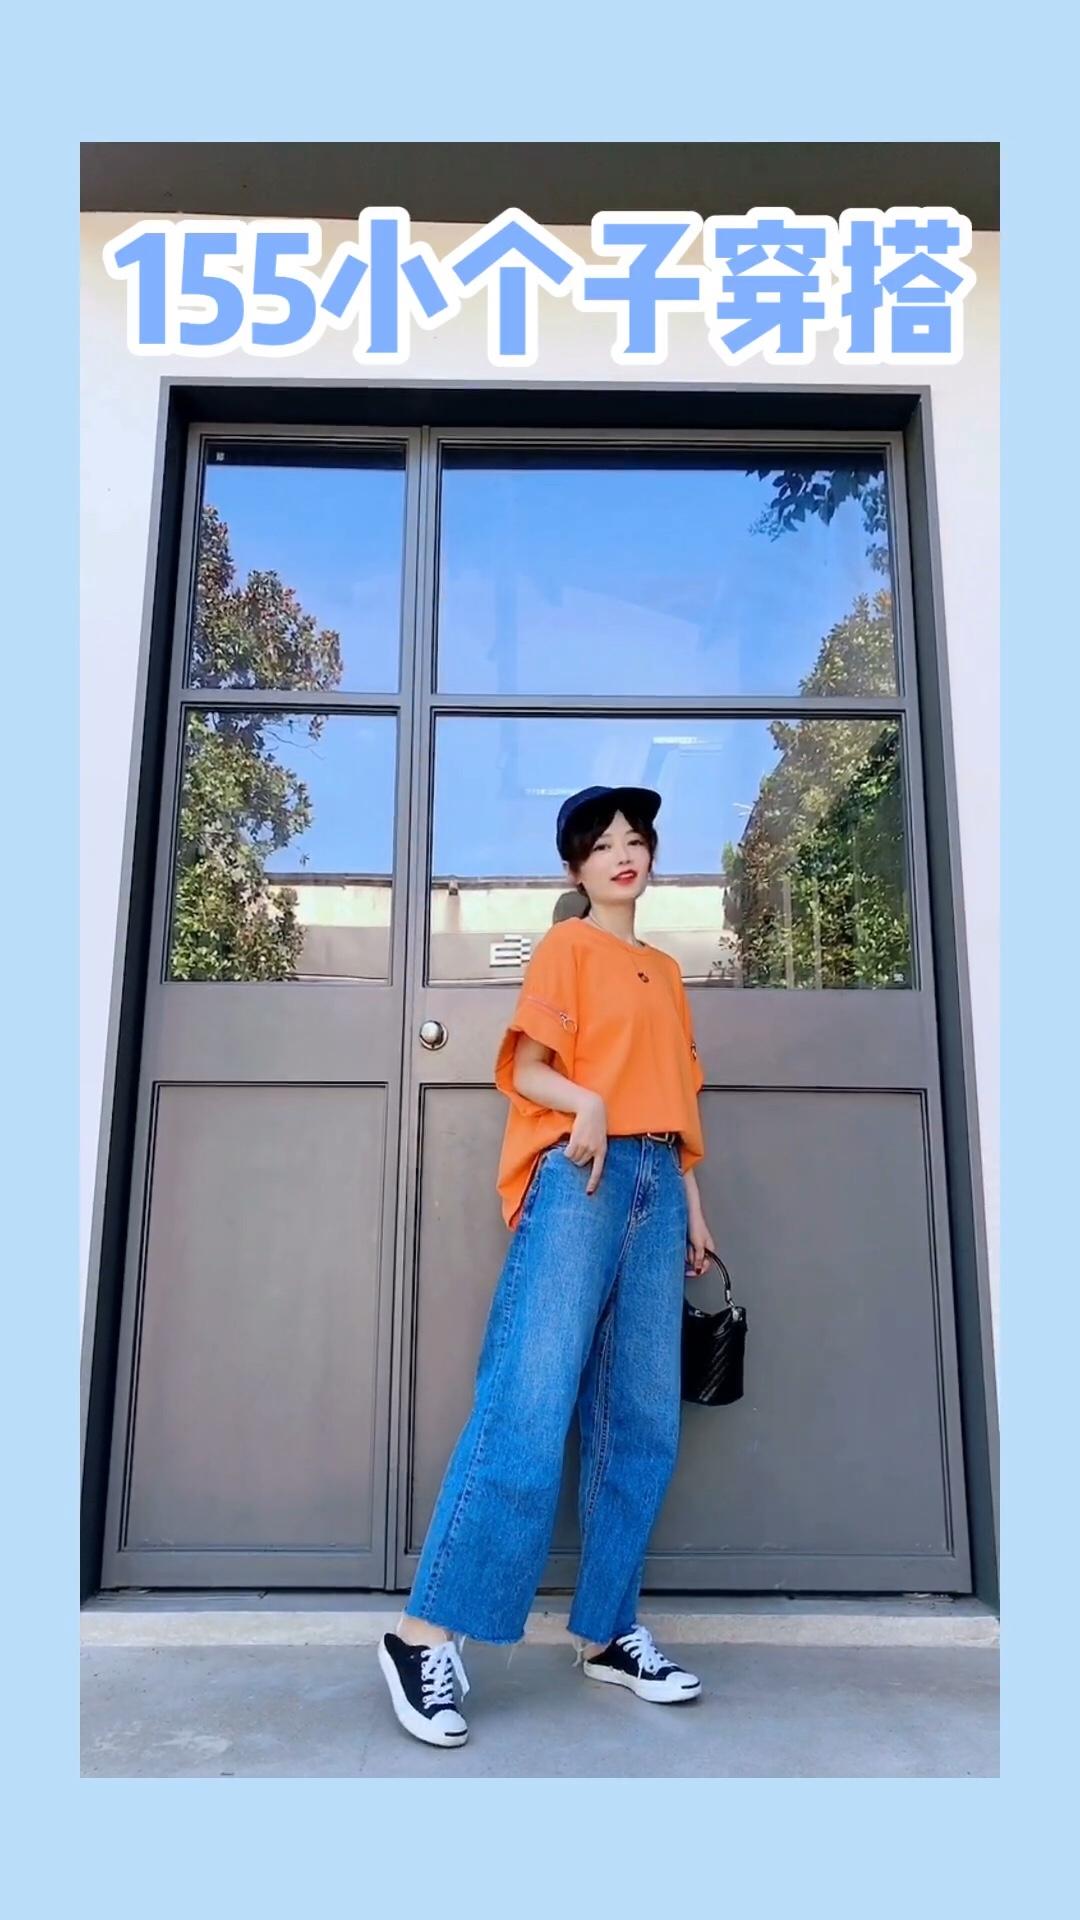 #粗腿亲妈,显瘦神裤#  橘色+牛仔蓝的撞色配色超级夏天哦 显瘦一定要pick的阔腿裤 修饰腿型的效果炒鸡棒 任意搭配一件tee就hin好看哈